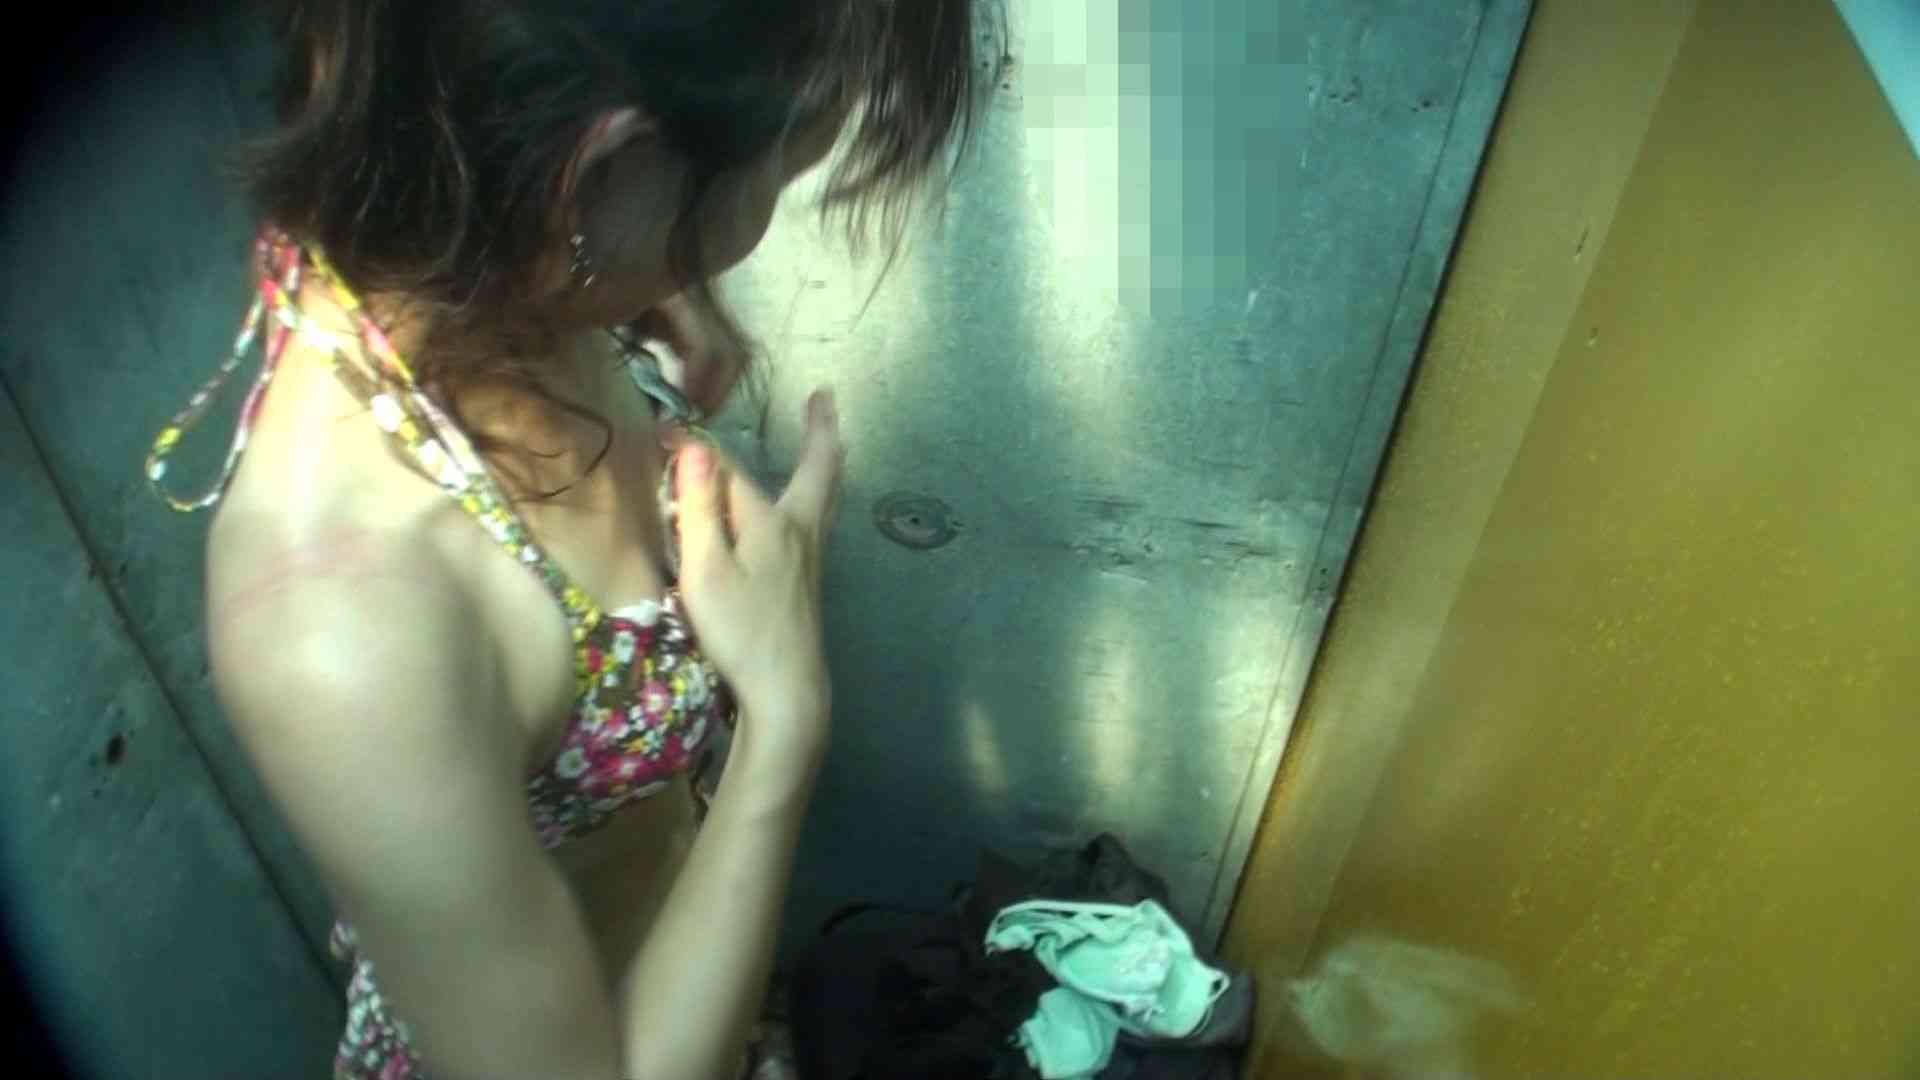 シャワールームは超!!危険な香りVol.16 意外に乳首は年増のそれ エロティックなOL   乳首  105画像 46